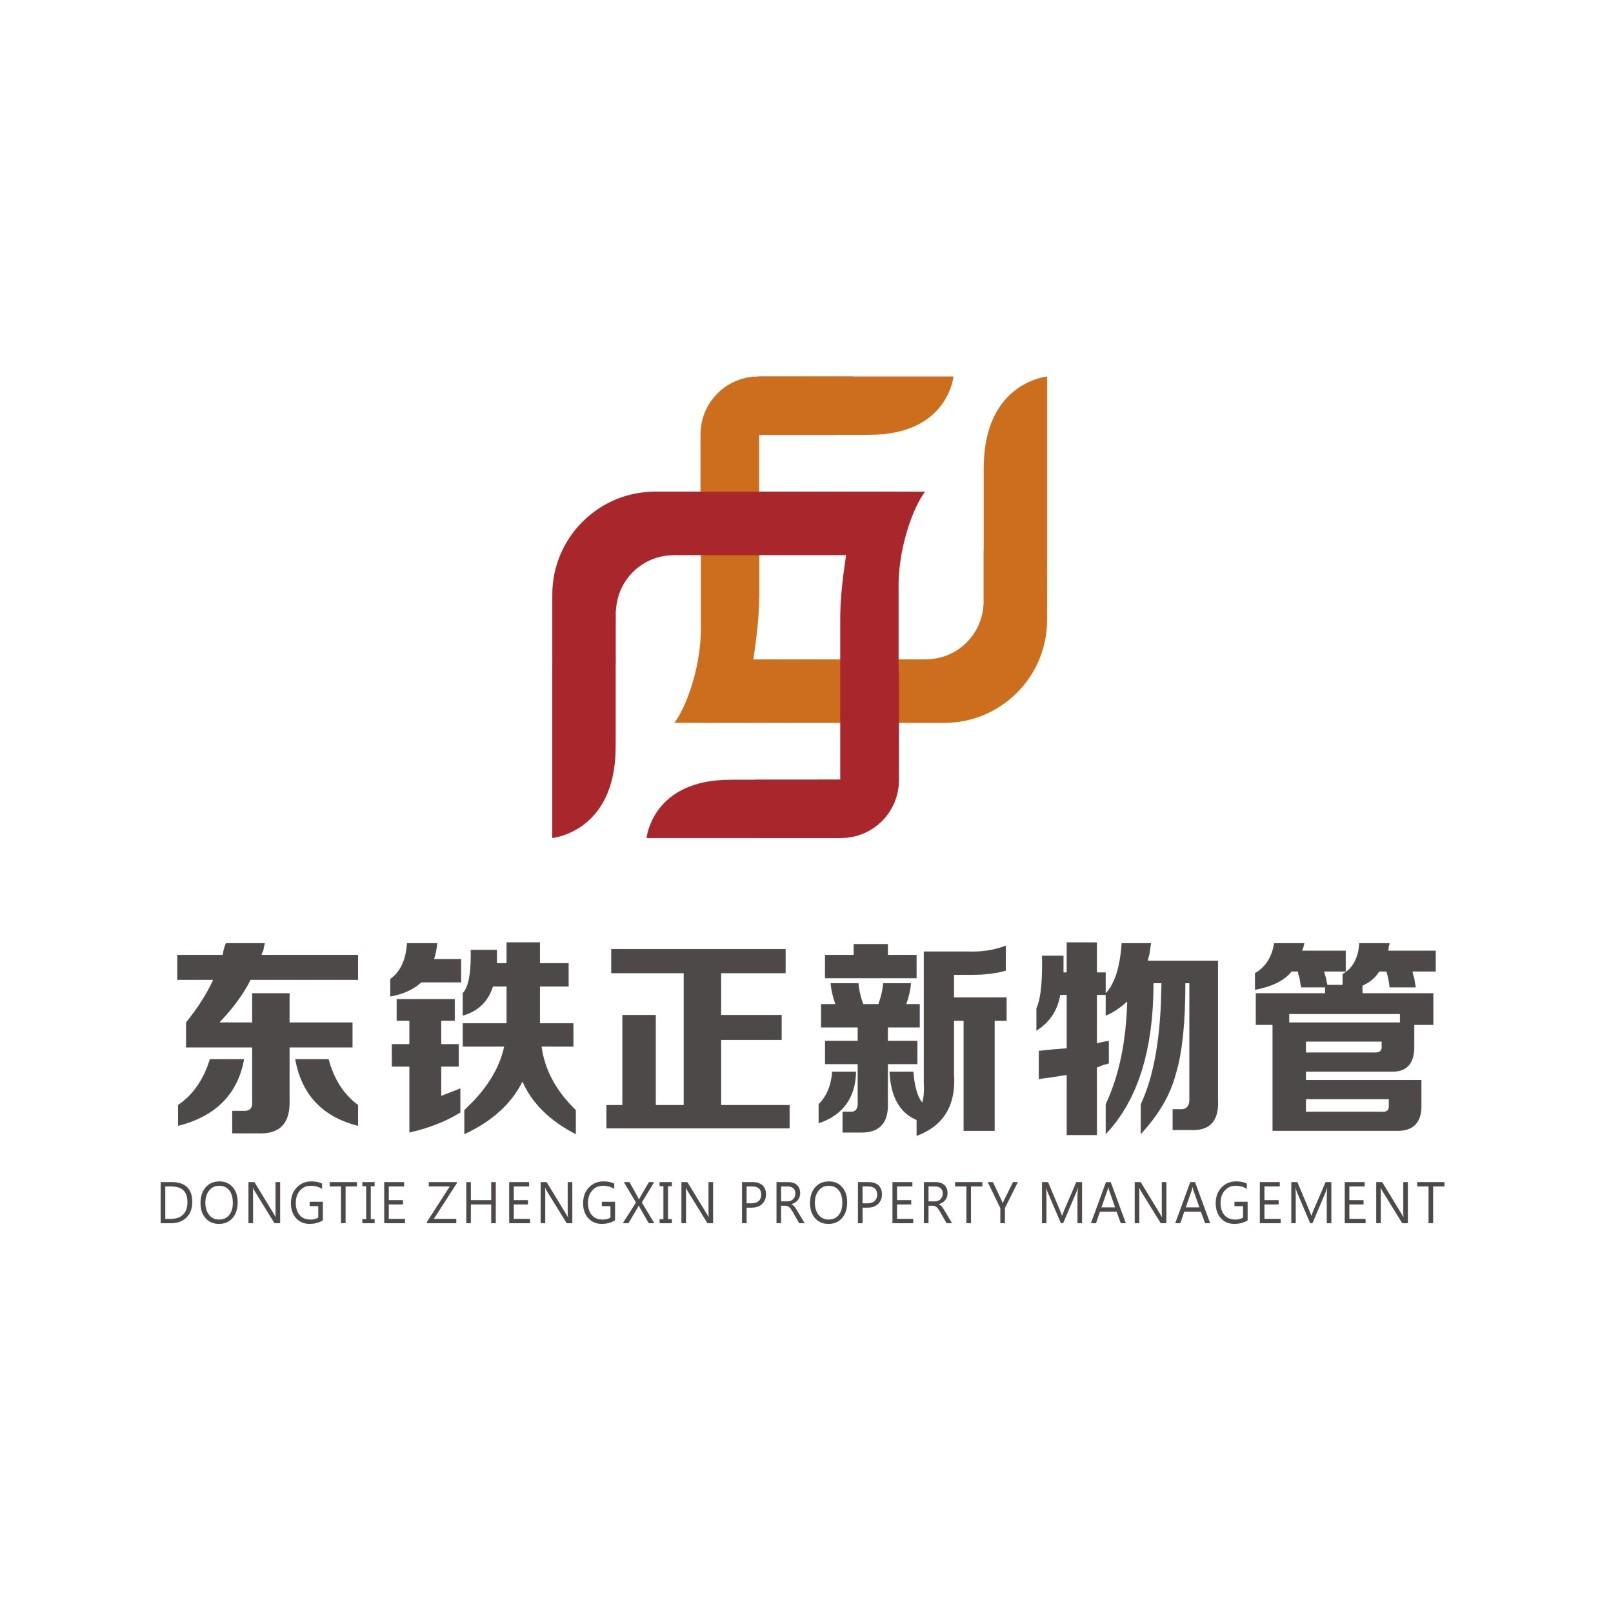 襄阳东铁正新物业管理有限公司